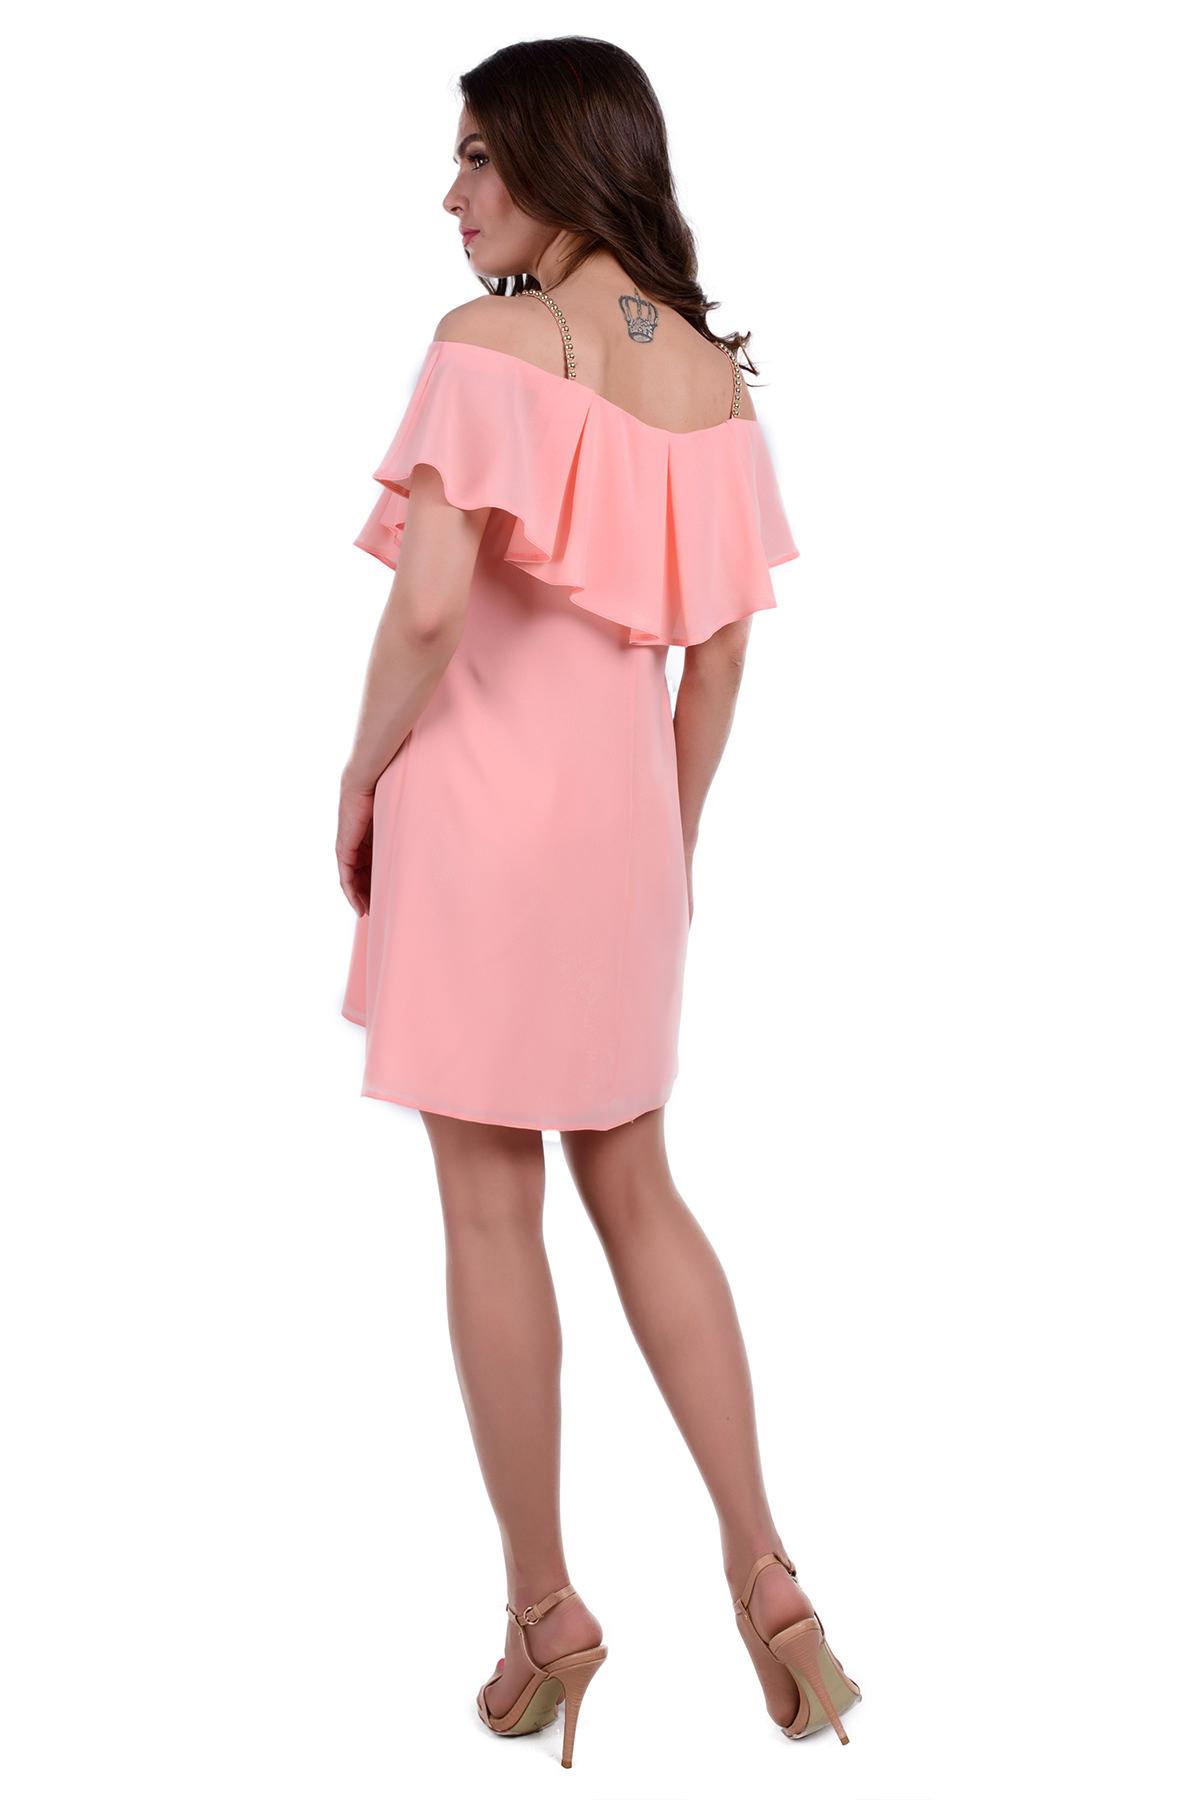 Платье Восток 0339 АРТ. 6631 Цвет: Персик - фото 2, интернет магазин tm-modus.ru